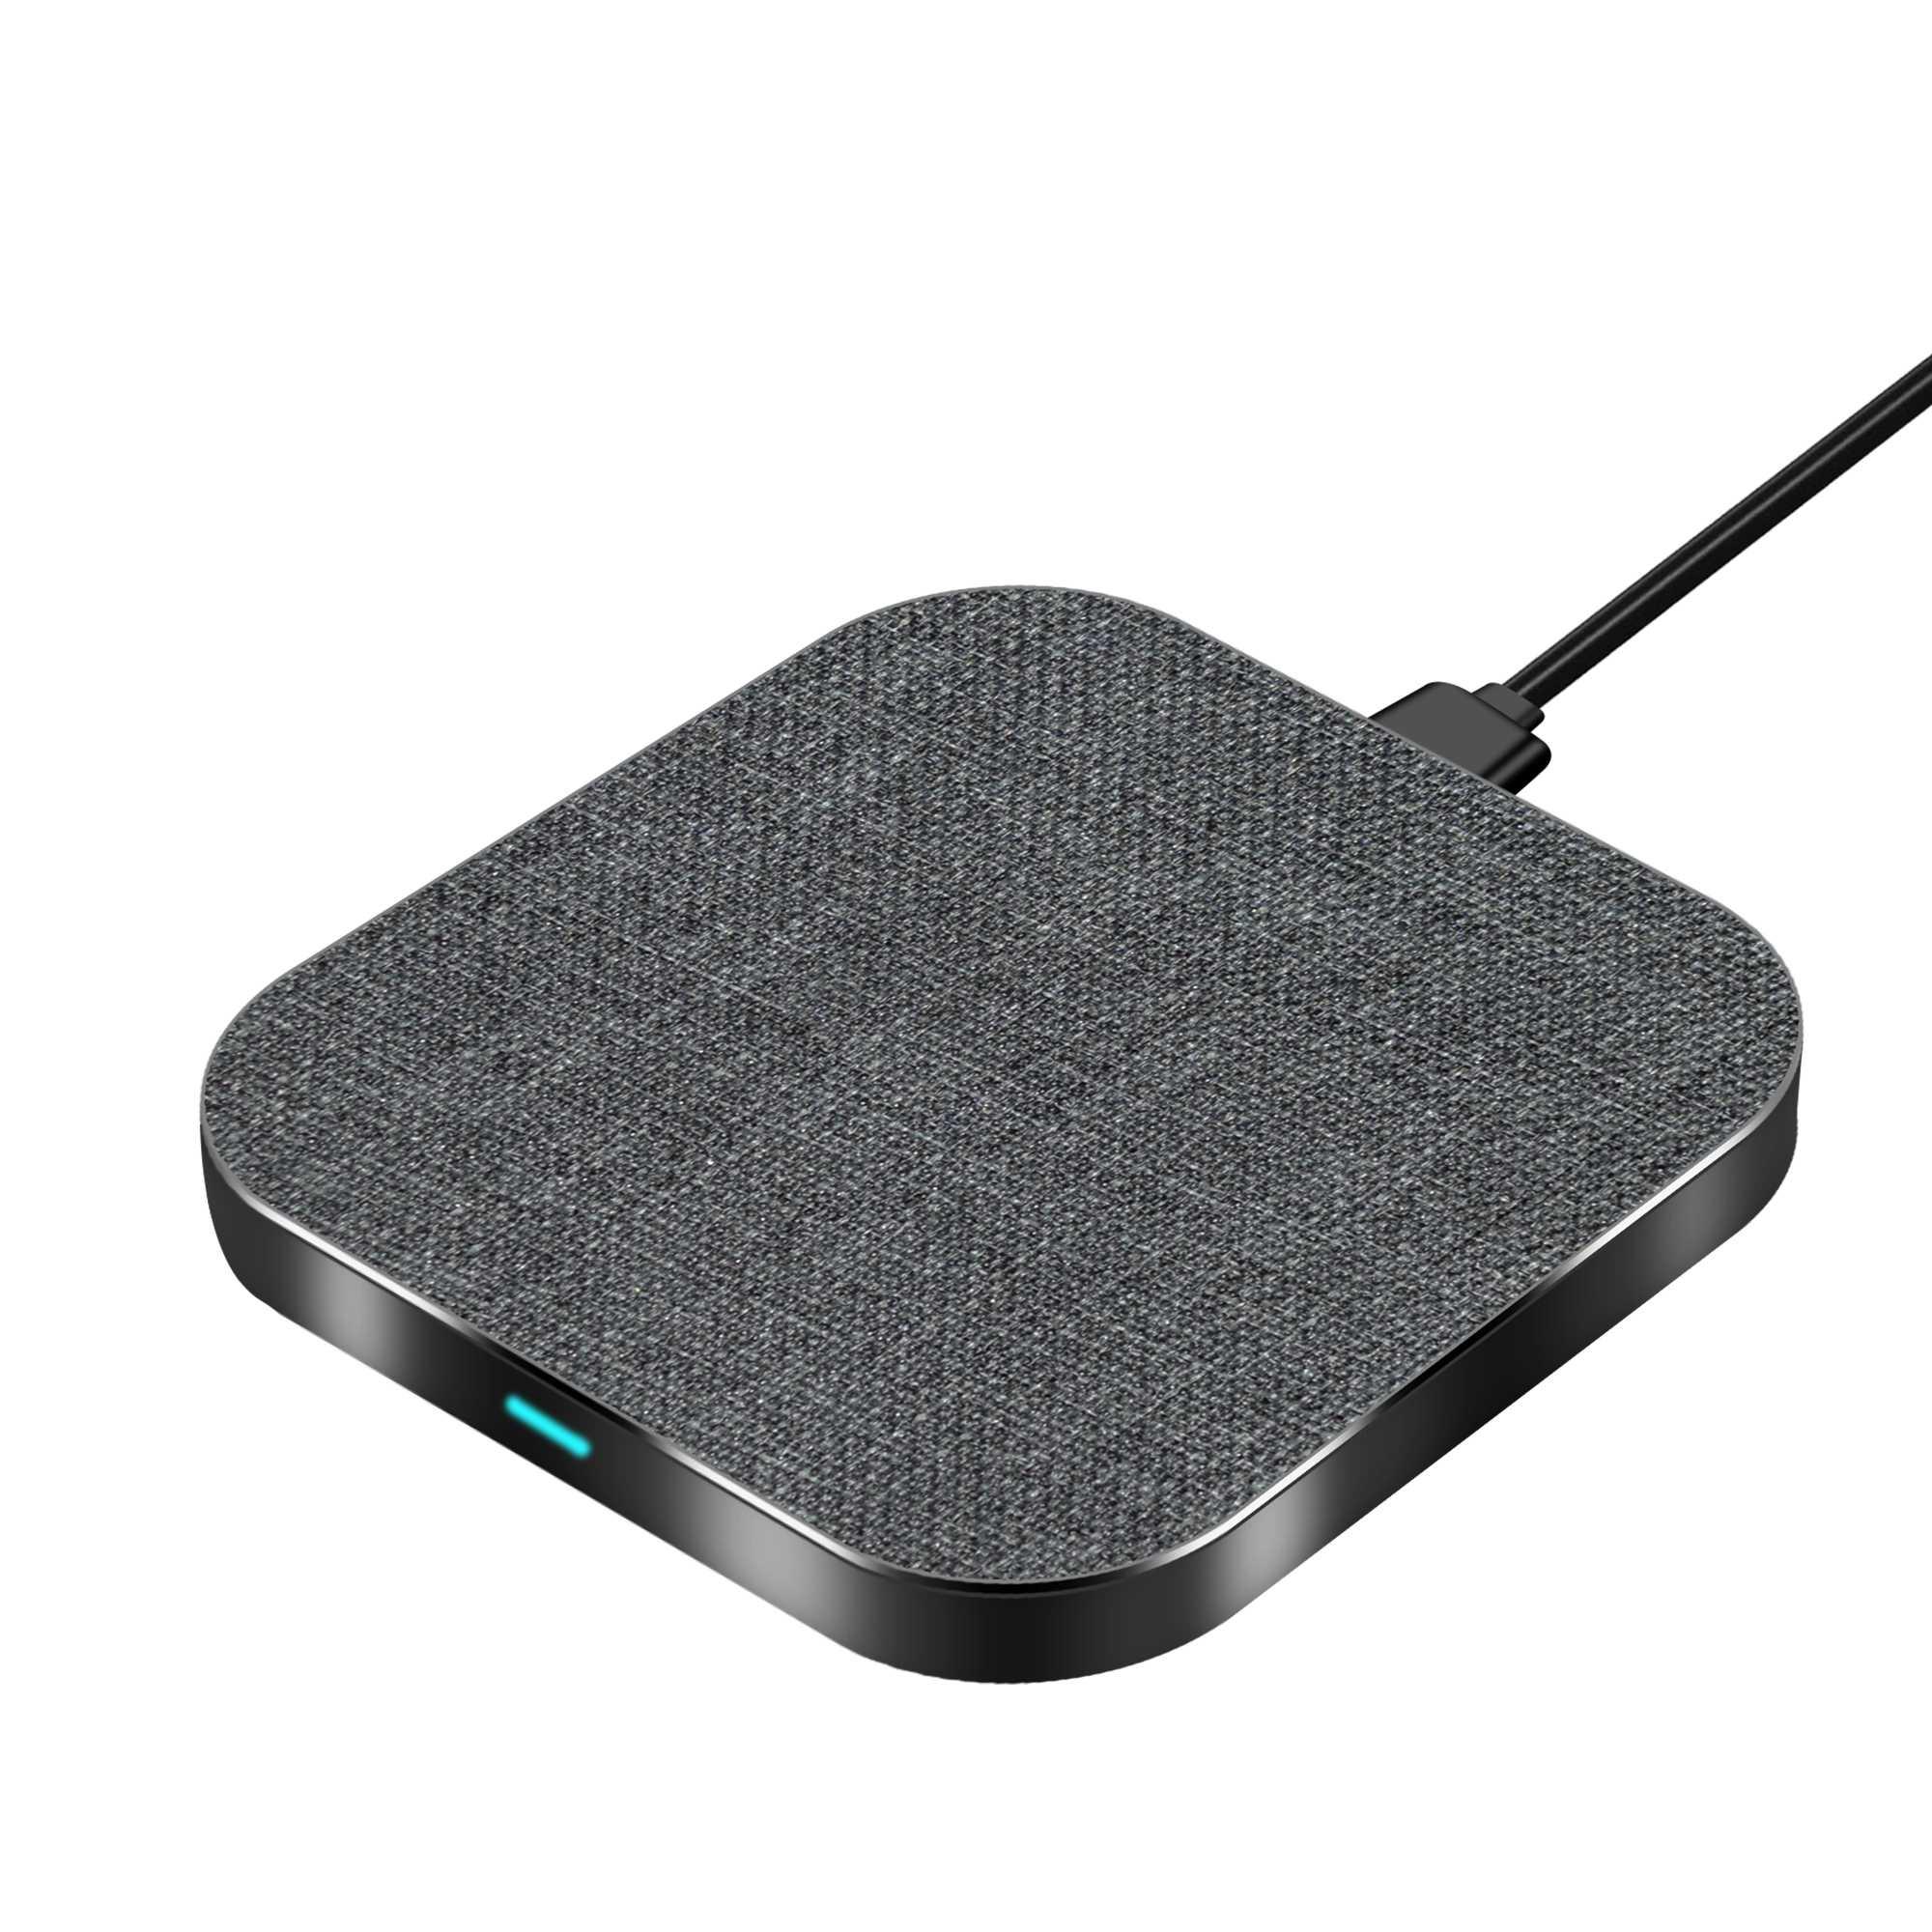 Kusdo 10W Qi Wireless Charger untuk iPhone X XS Max XR 8 Plus Cepat Pengisian untuk Samsung S8 S9 plus Catatan 9 8 USB Ponsel Charger Pad